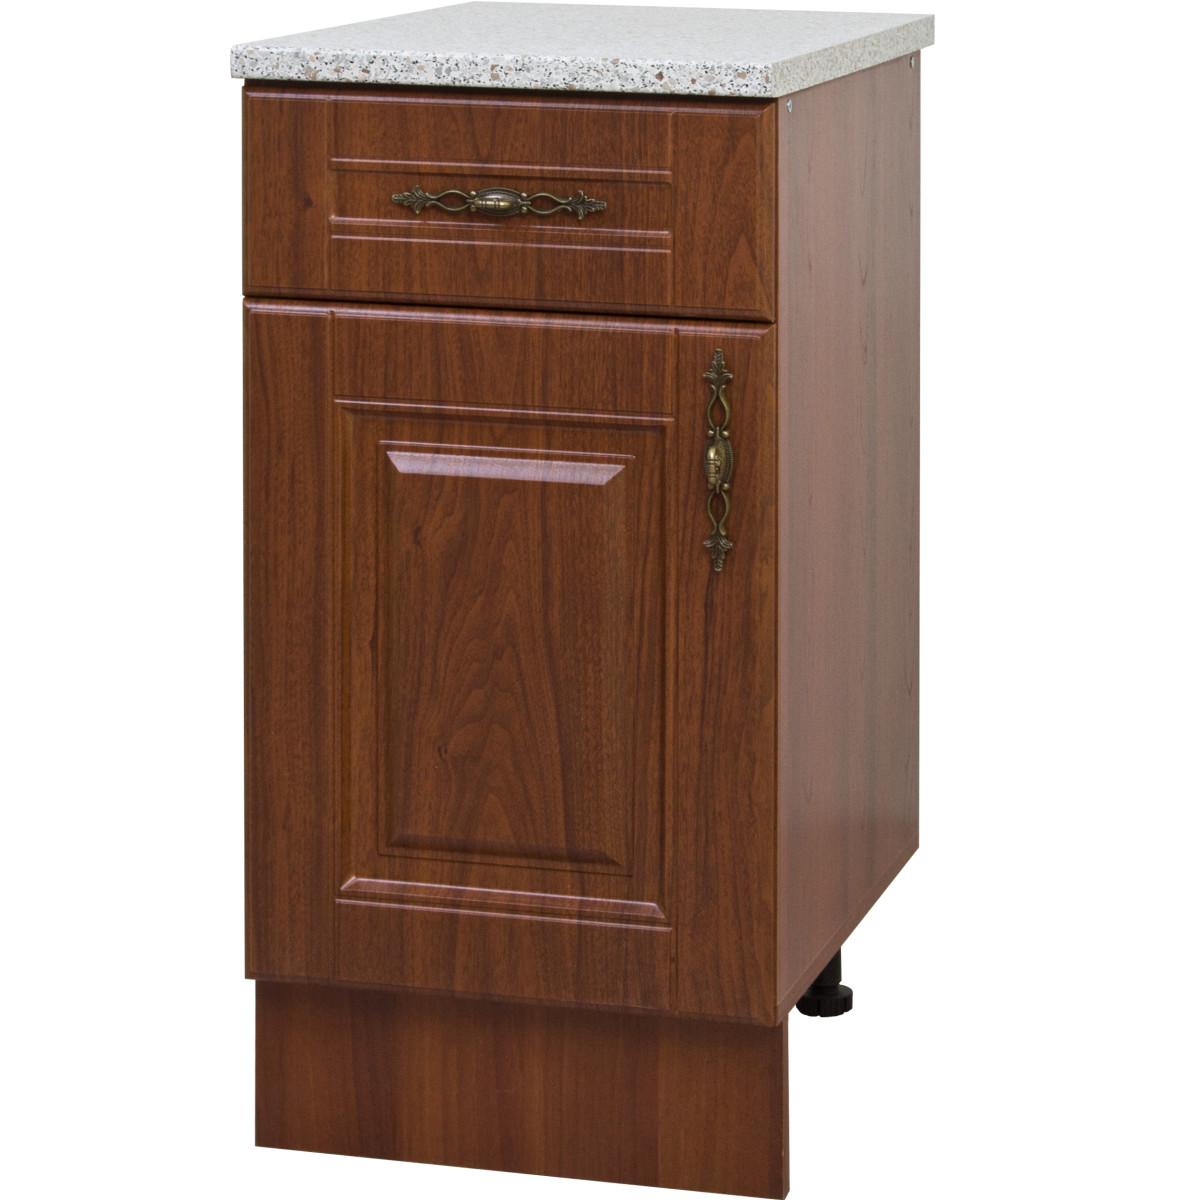 Шкаф напольный Орех Аква 40x86x60 см ЛДСП цвет коричневый